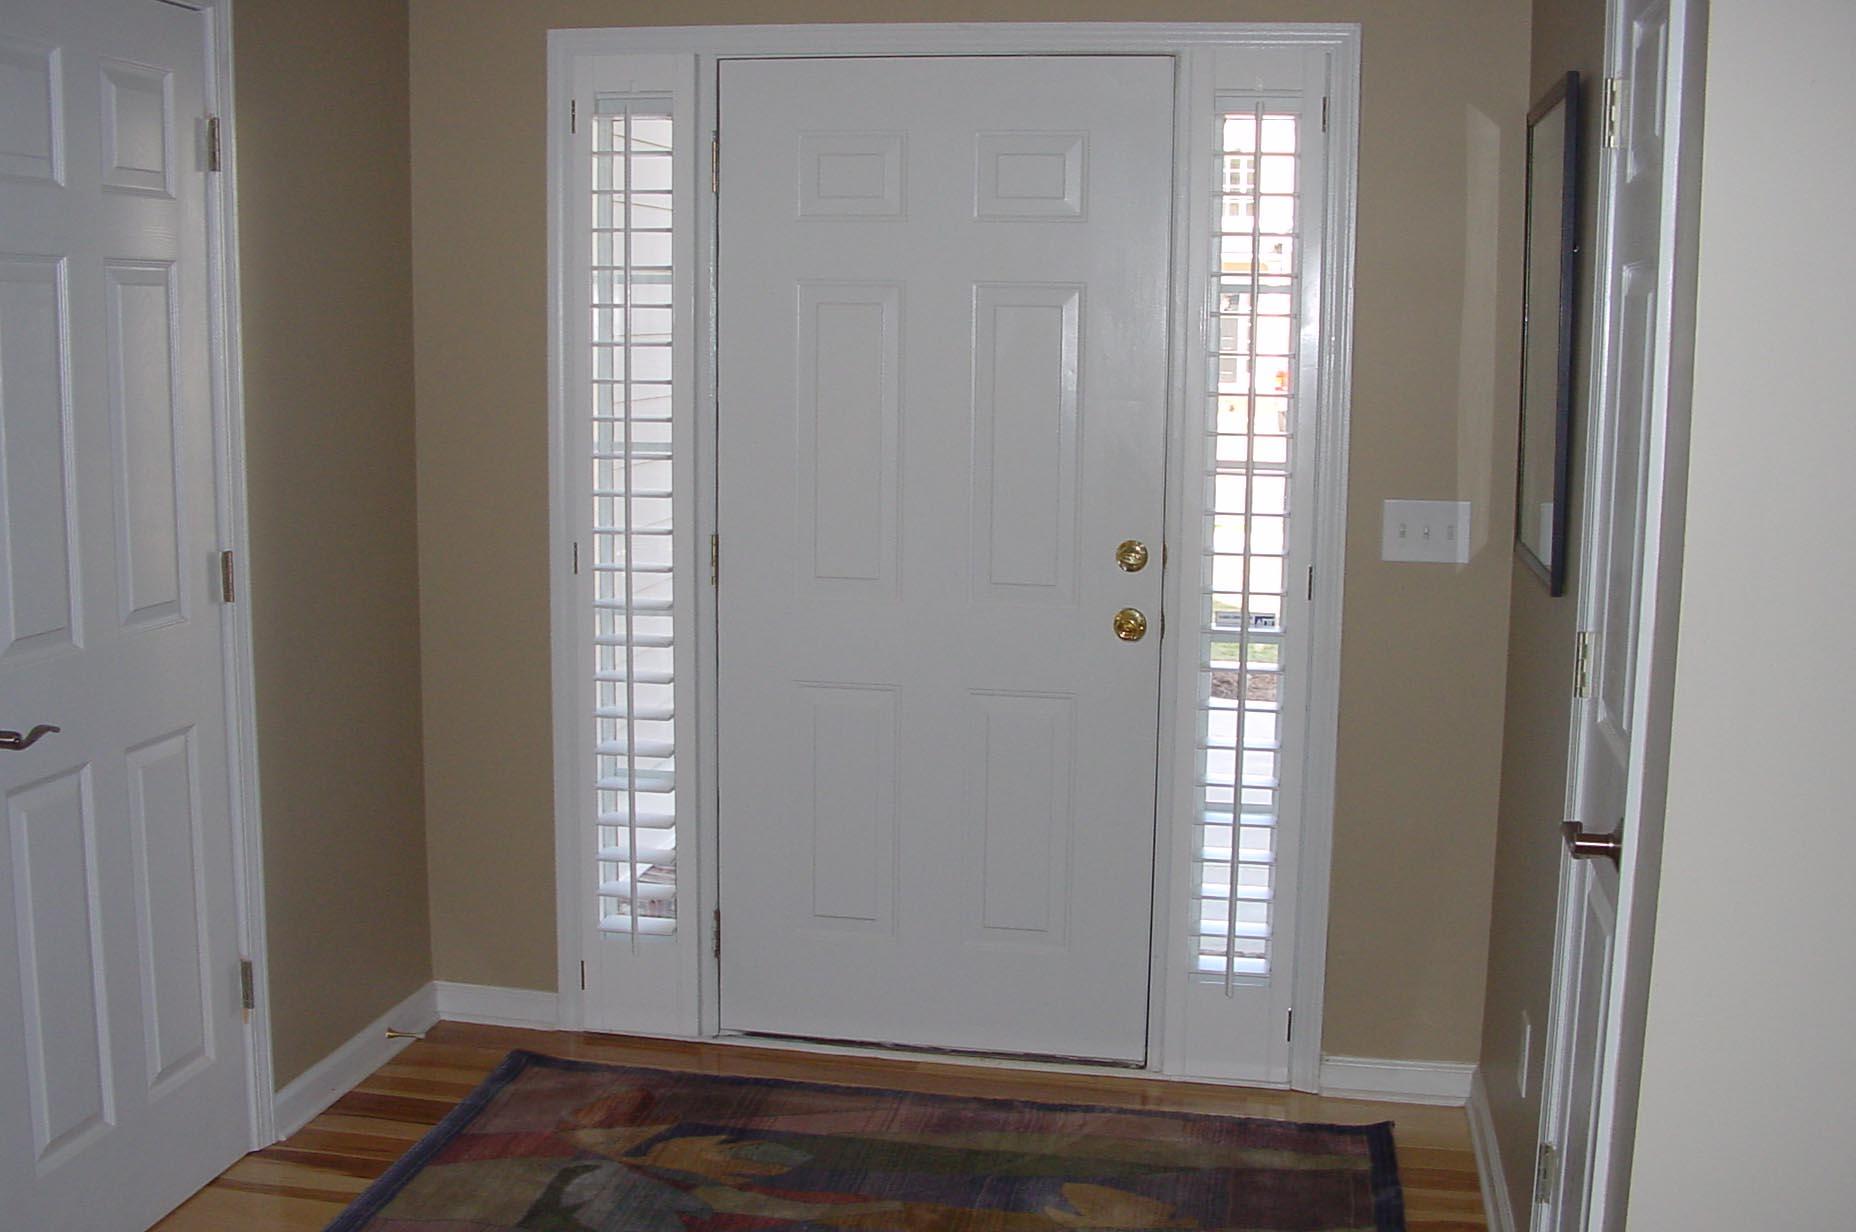 Door Window Blinds Functionality